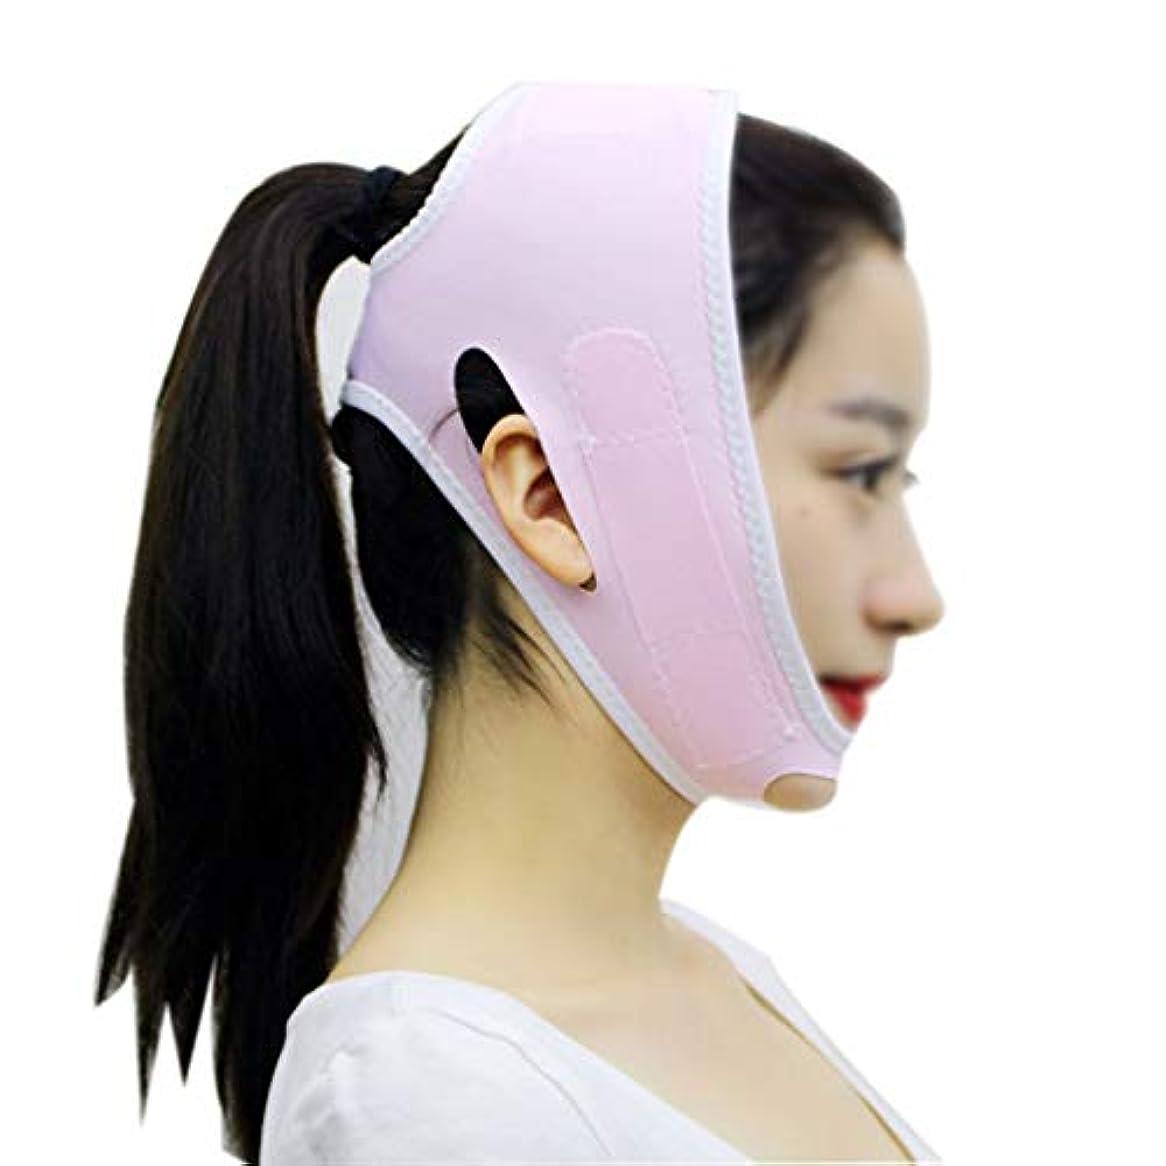 増強するキャプテン戦うGLJJQMY 引き締め肌の薄い二重あごマスクを強化するためのフェイスリフティング包帯回復マスク 顔用整形マスク (Color : Pink)